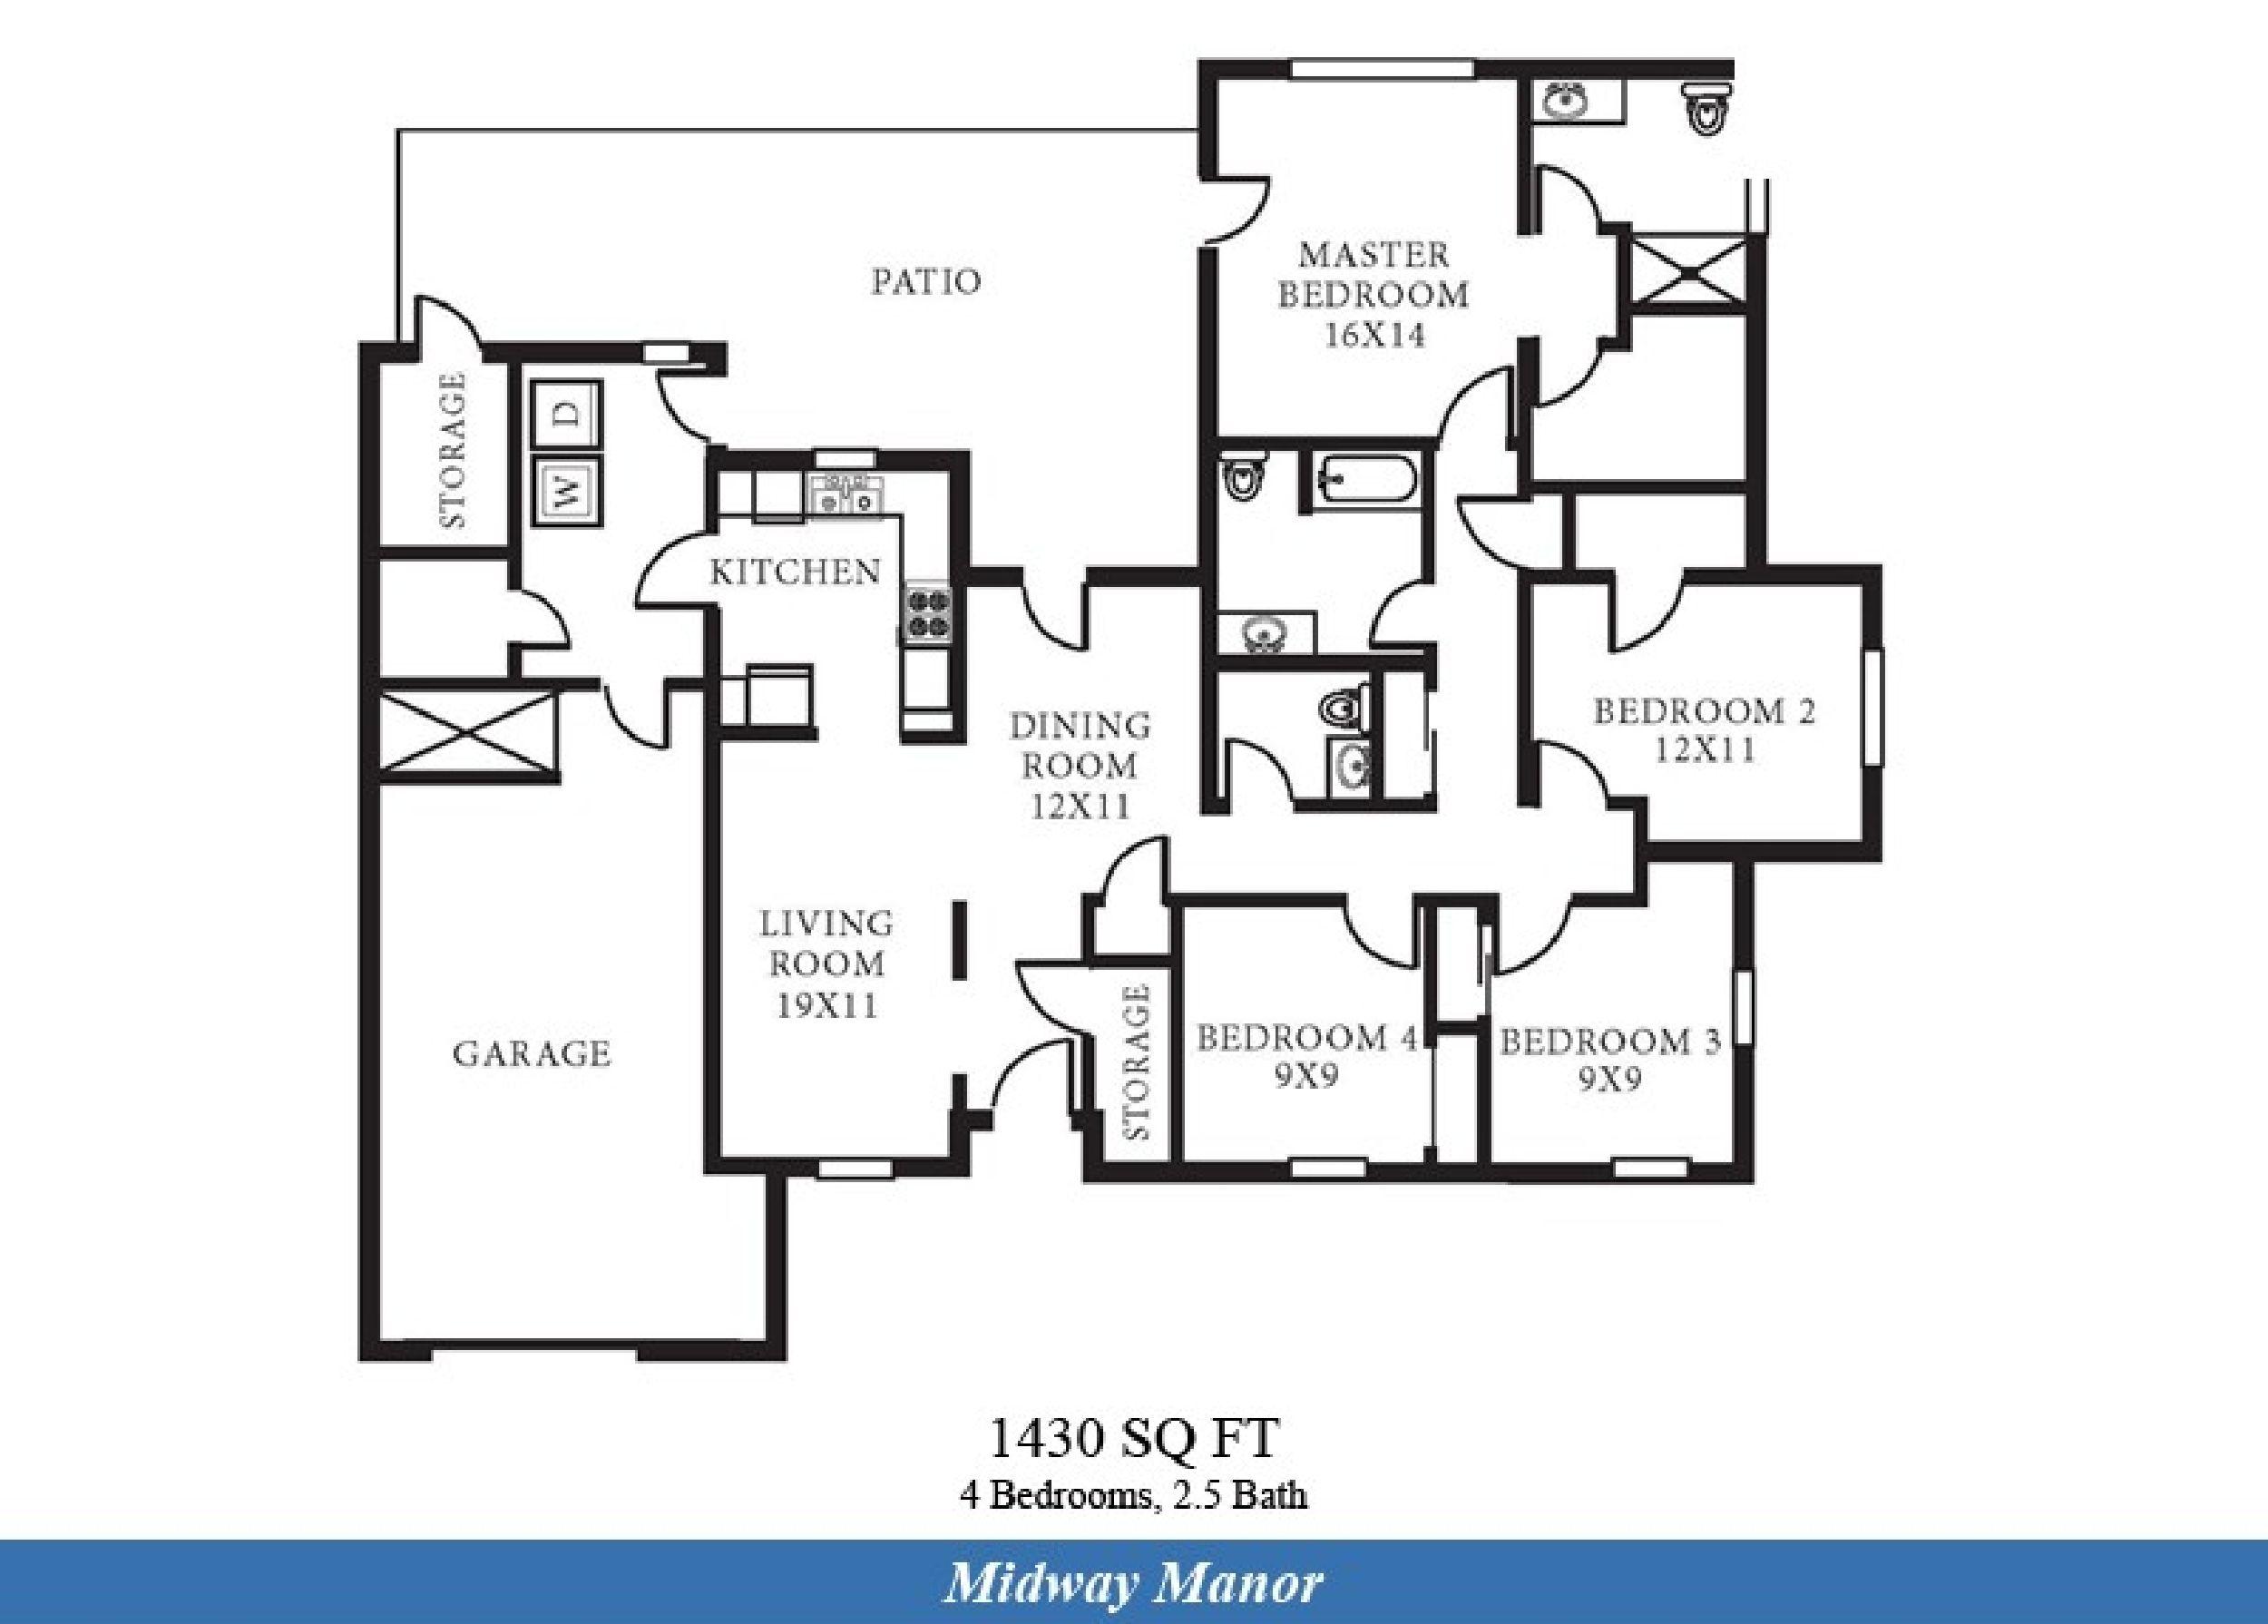 nas oceana midway manor neighborhood 4 bedroom 2 5 bathroom nas oceana midway manor neighborhood 4 bedroom 2 5 bathroom home floor plan